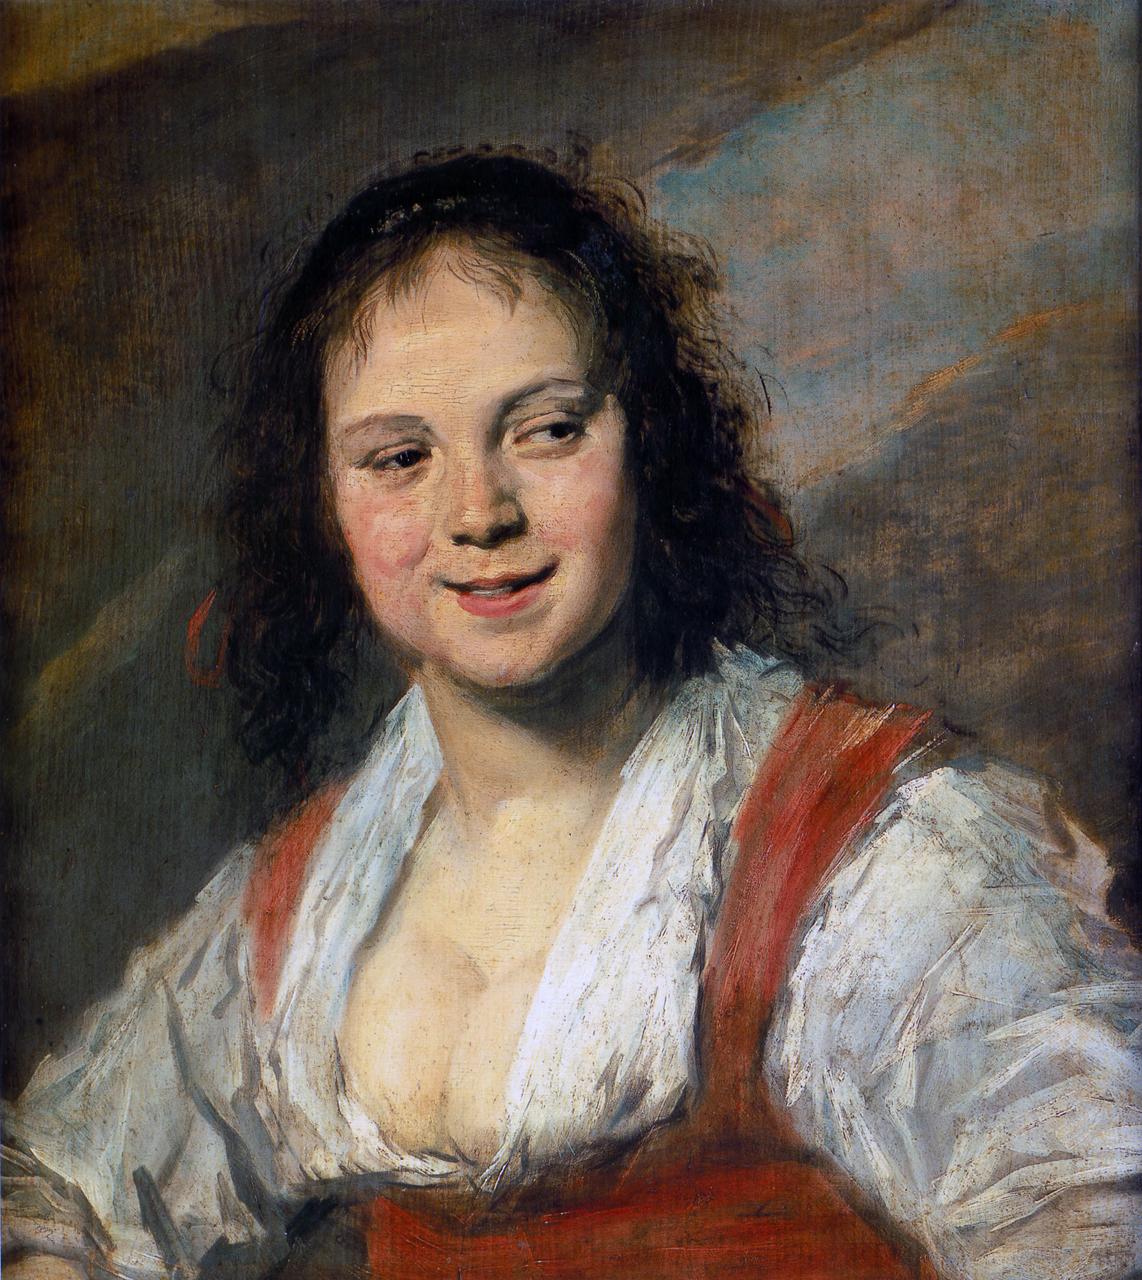 Frans Hals, Gypsy Girl, 1628